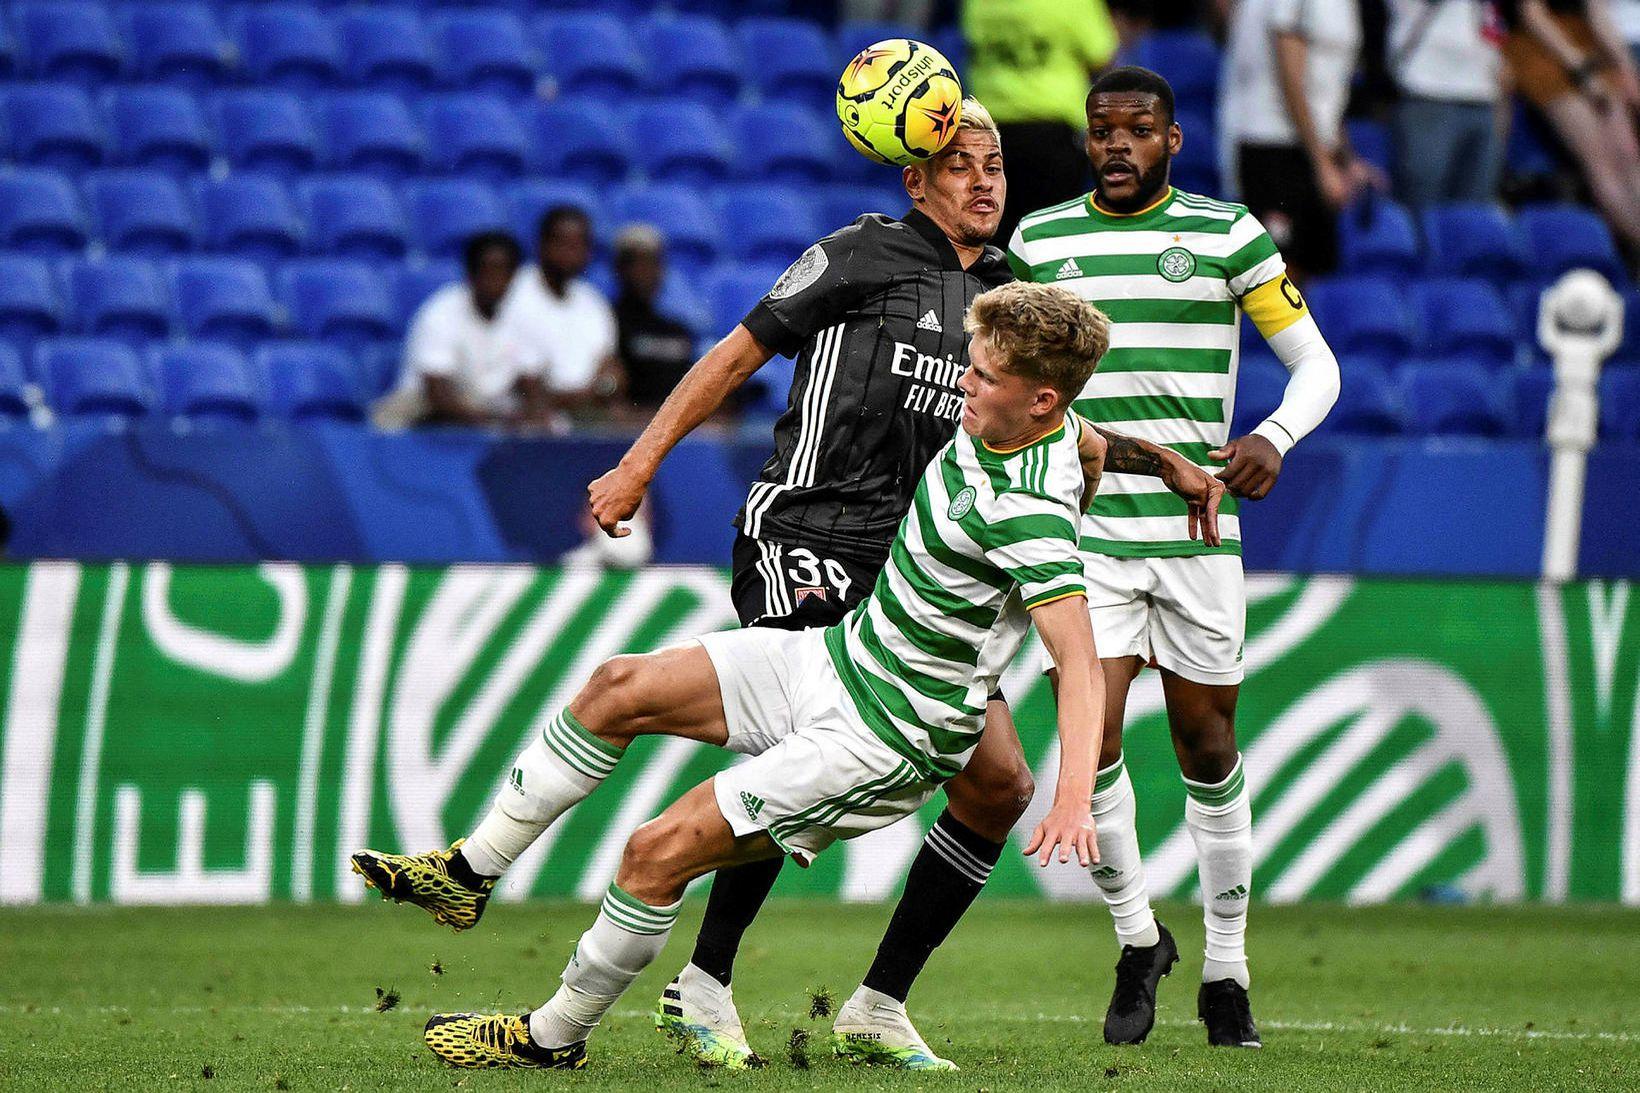 Frá vináttuleik Celtic og Lyon í sumar.